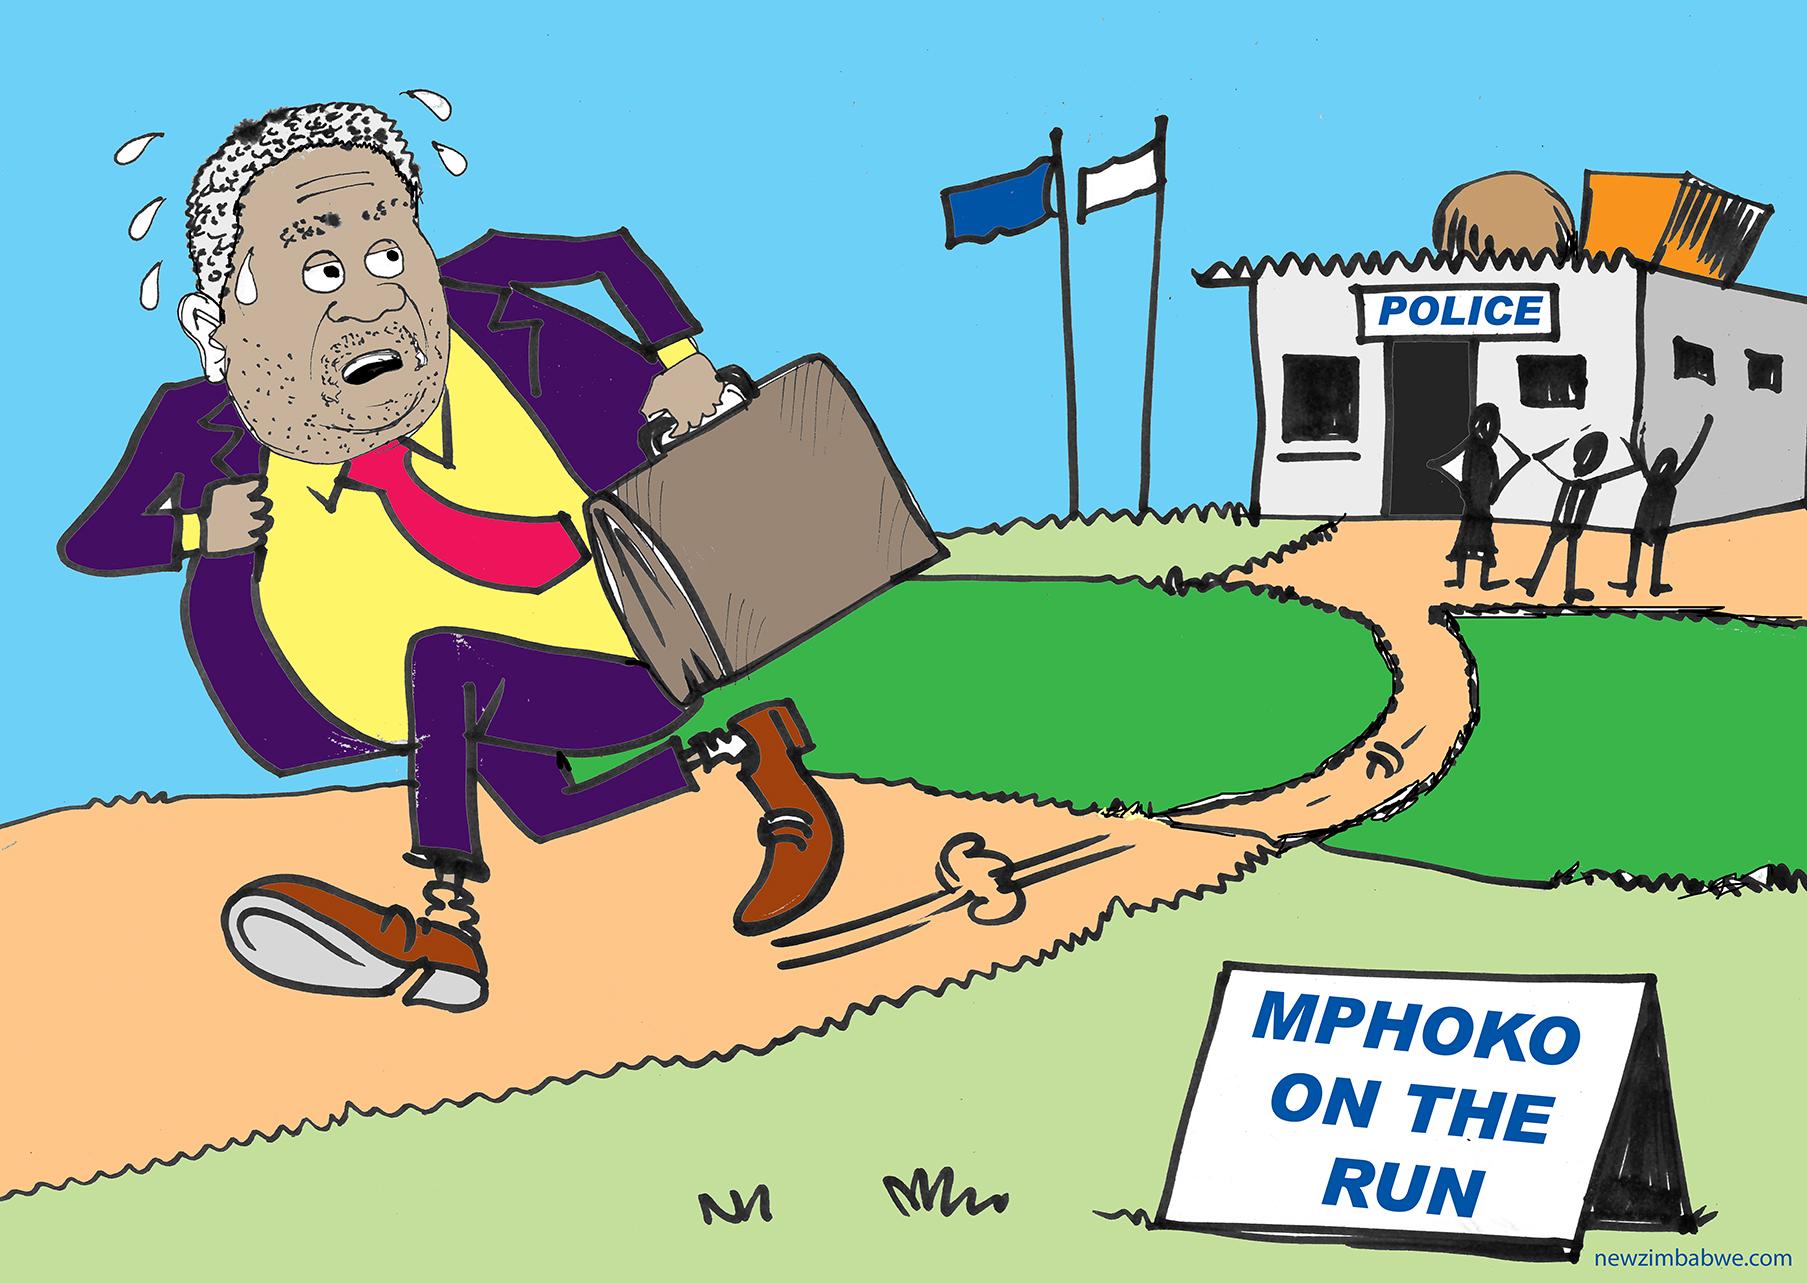 Mphoko on the run